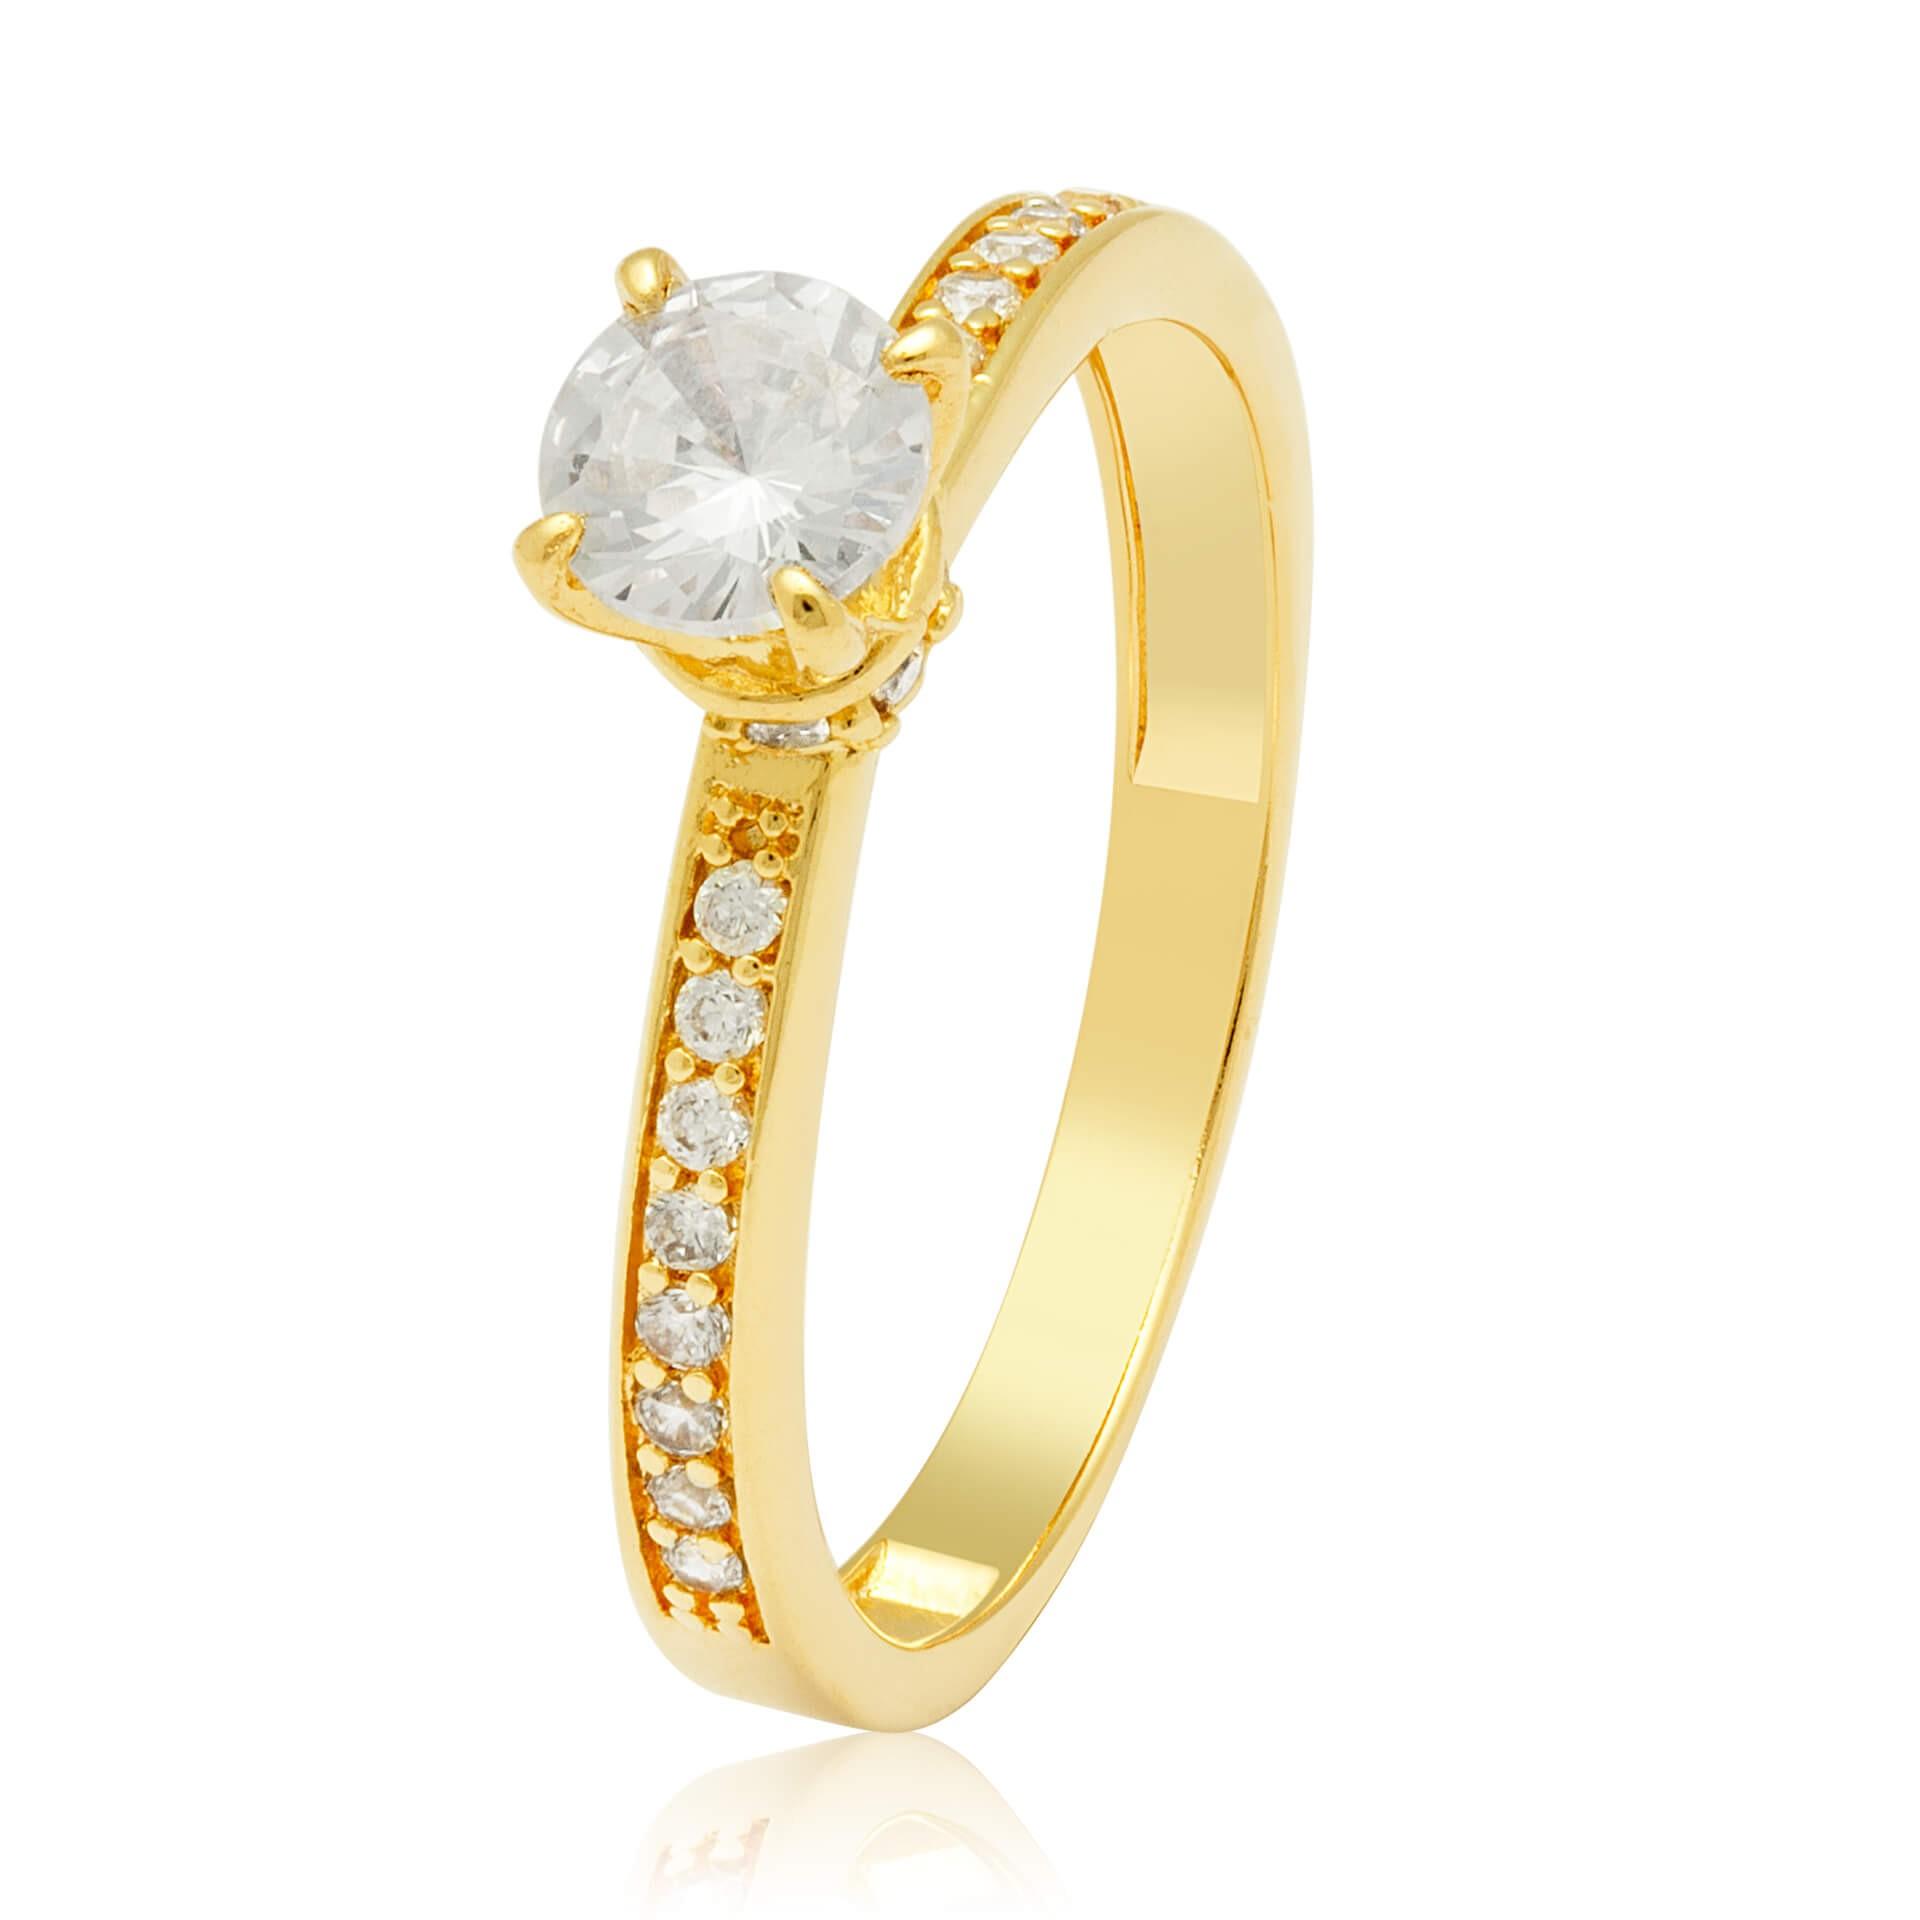 Solitário Tiffany Ouro Amarelo 18k e 70,7 Pontos de Diamantes